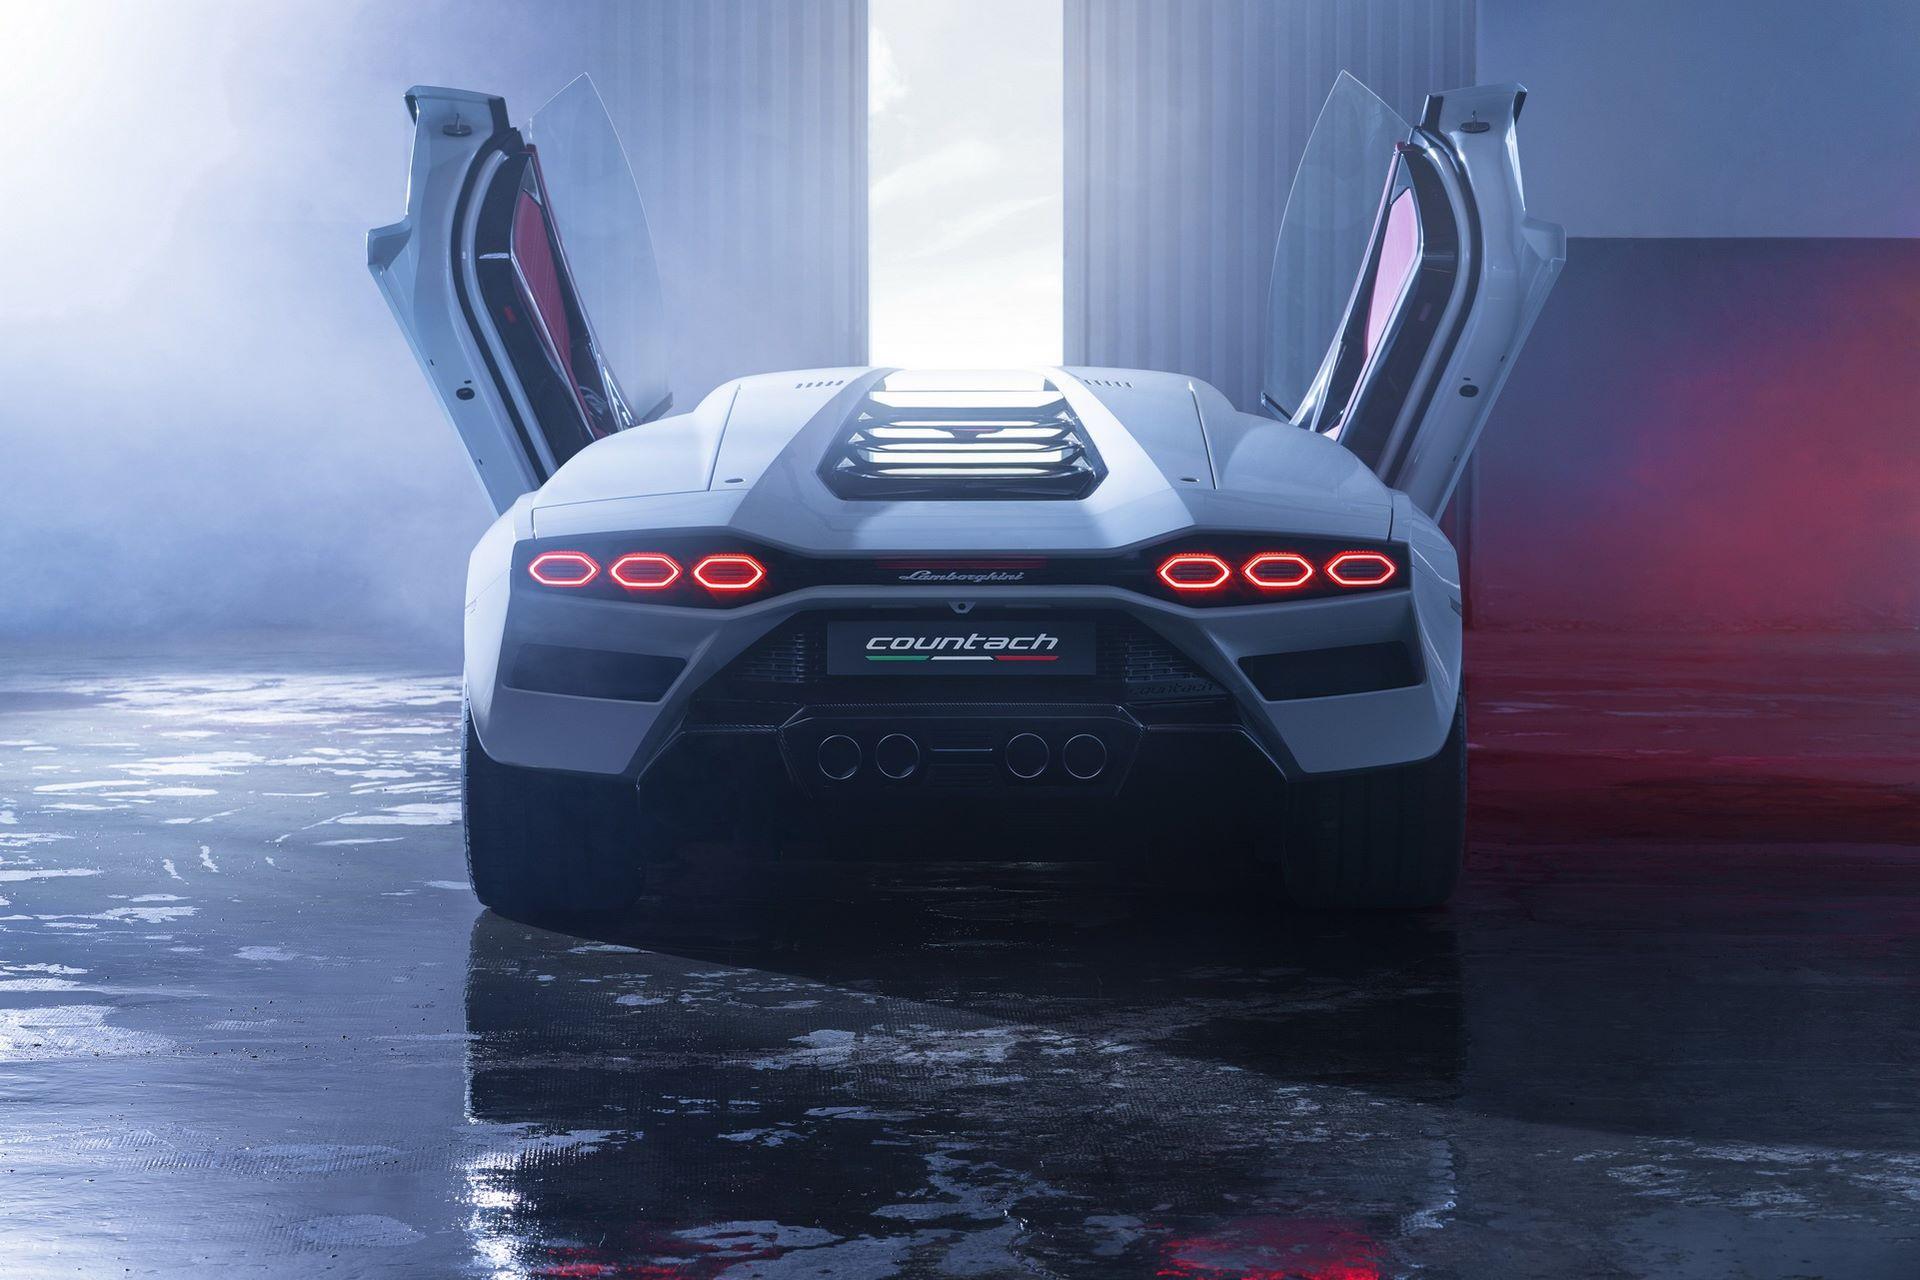 Lamborghini-Countach-LPI-800-4-80